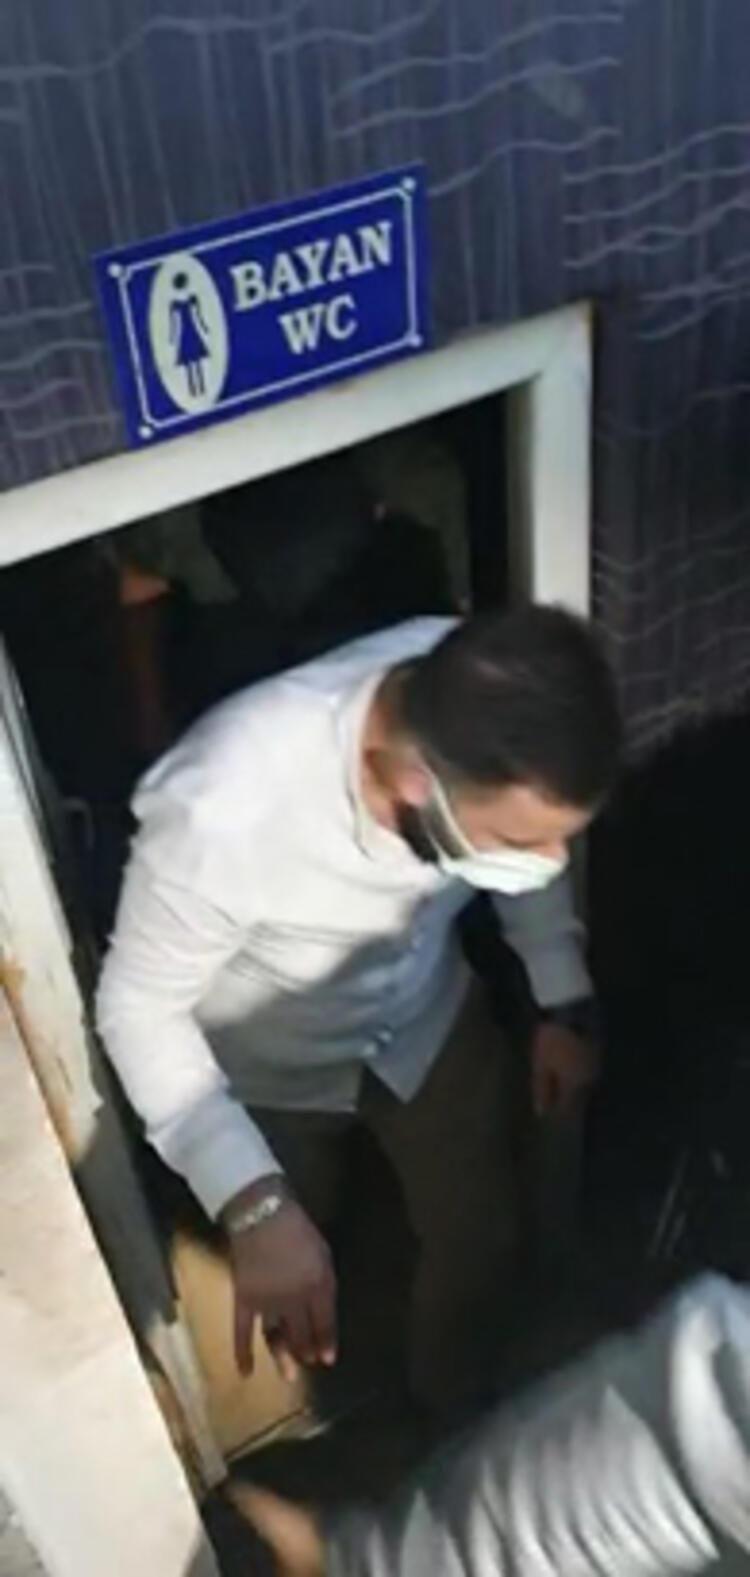 Şok baskın: 3 erkek kadınlar tuvaletinde yakalandı - Resim: 4